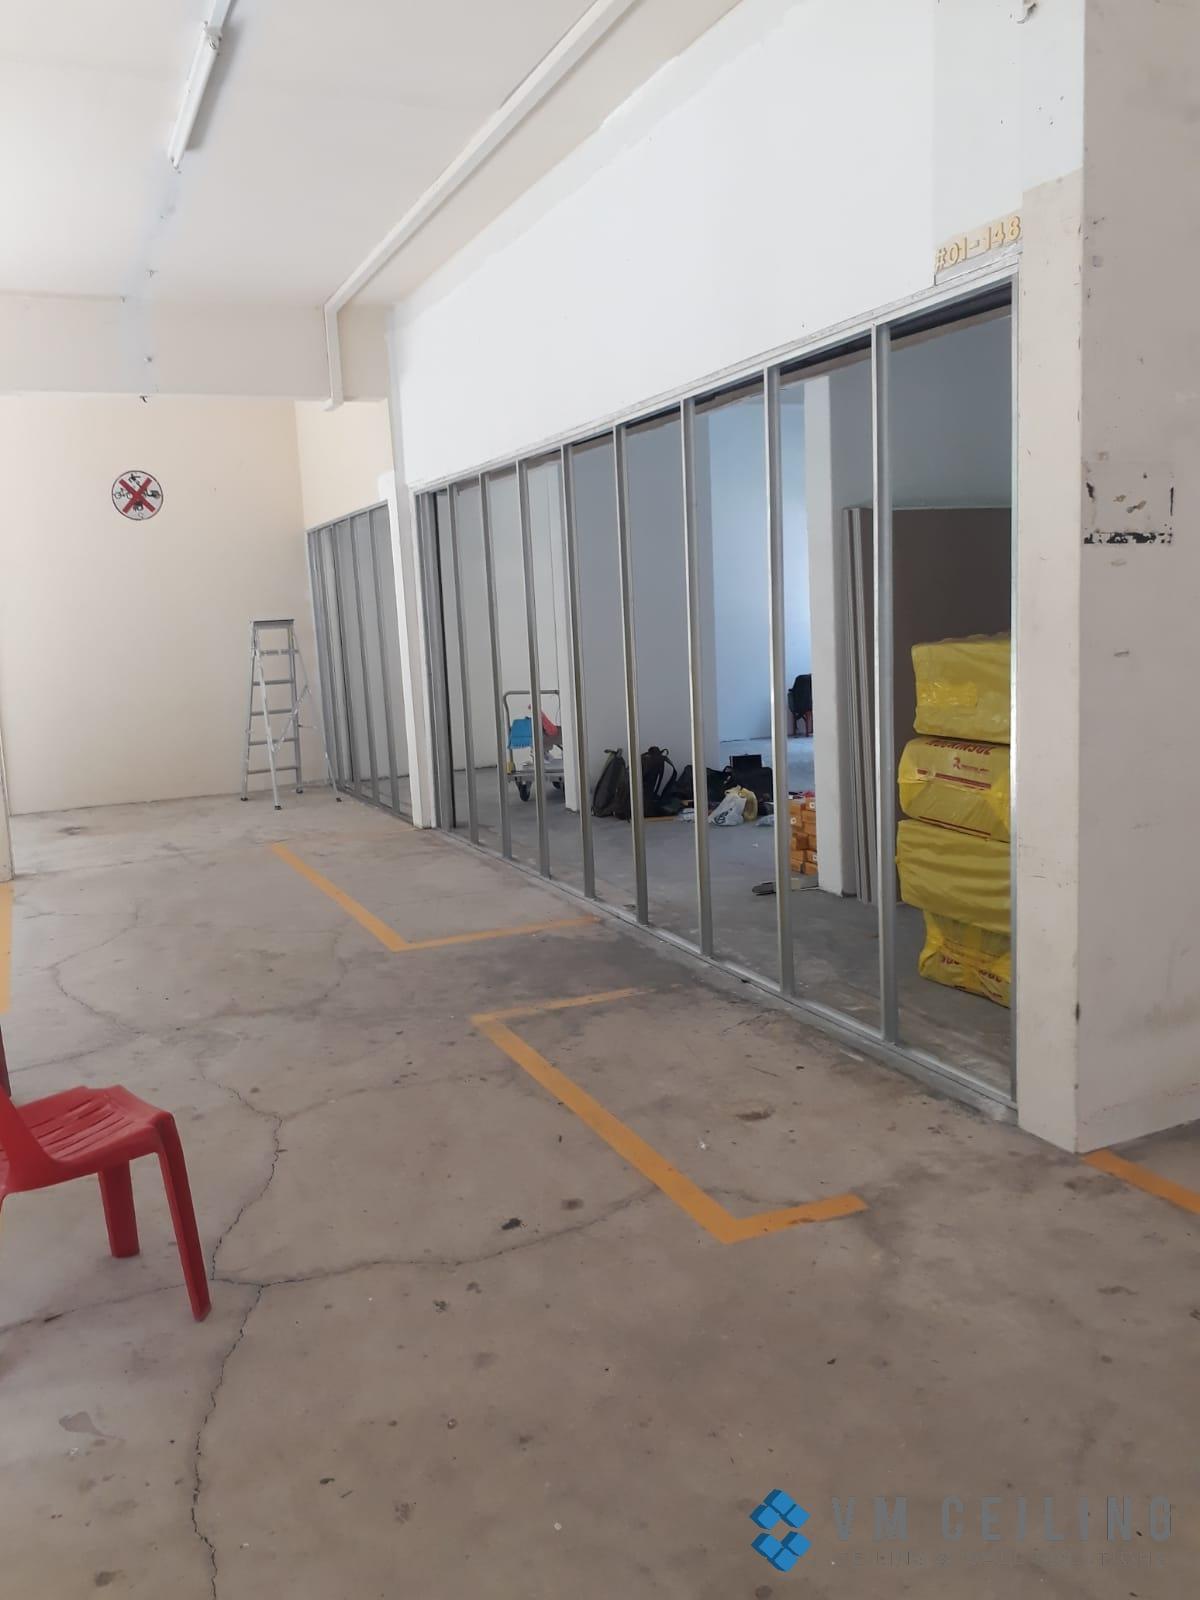 partition wall vm ceiling singapore commercial studio bukit batok 6